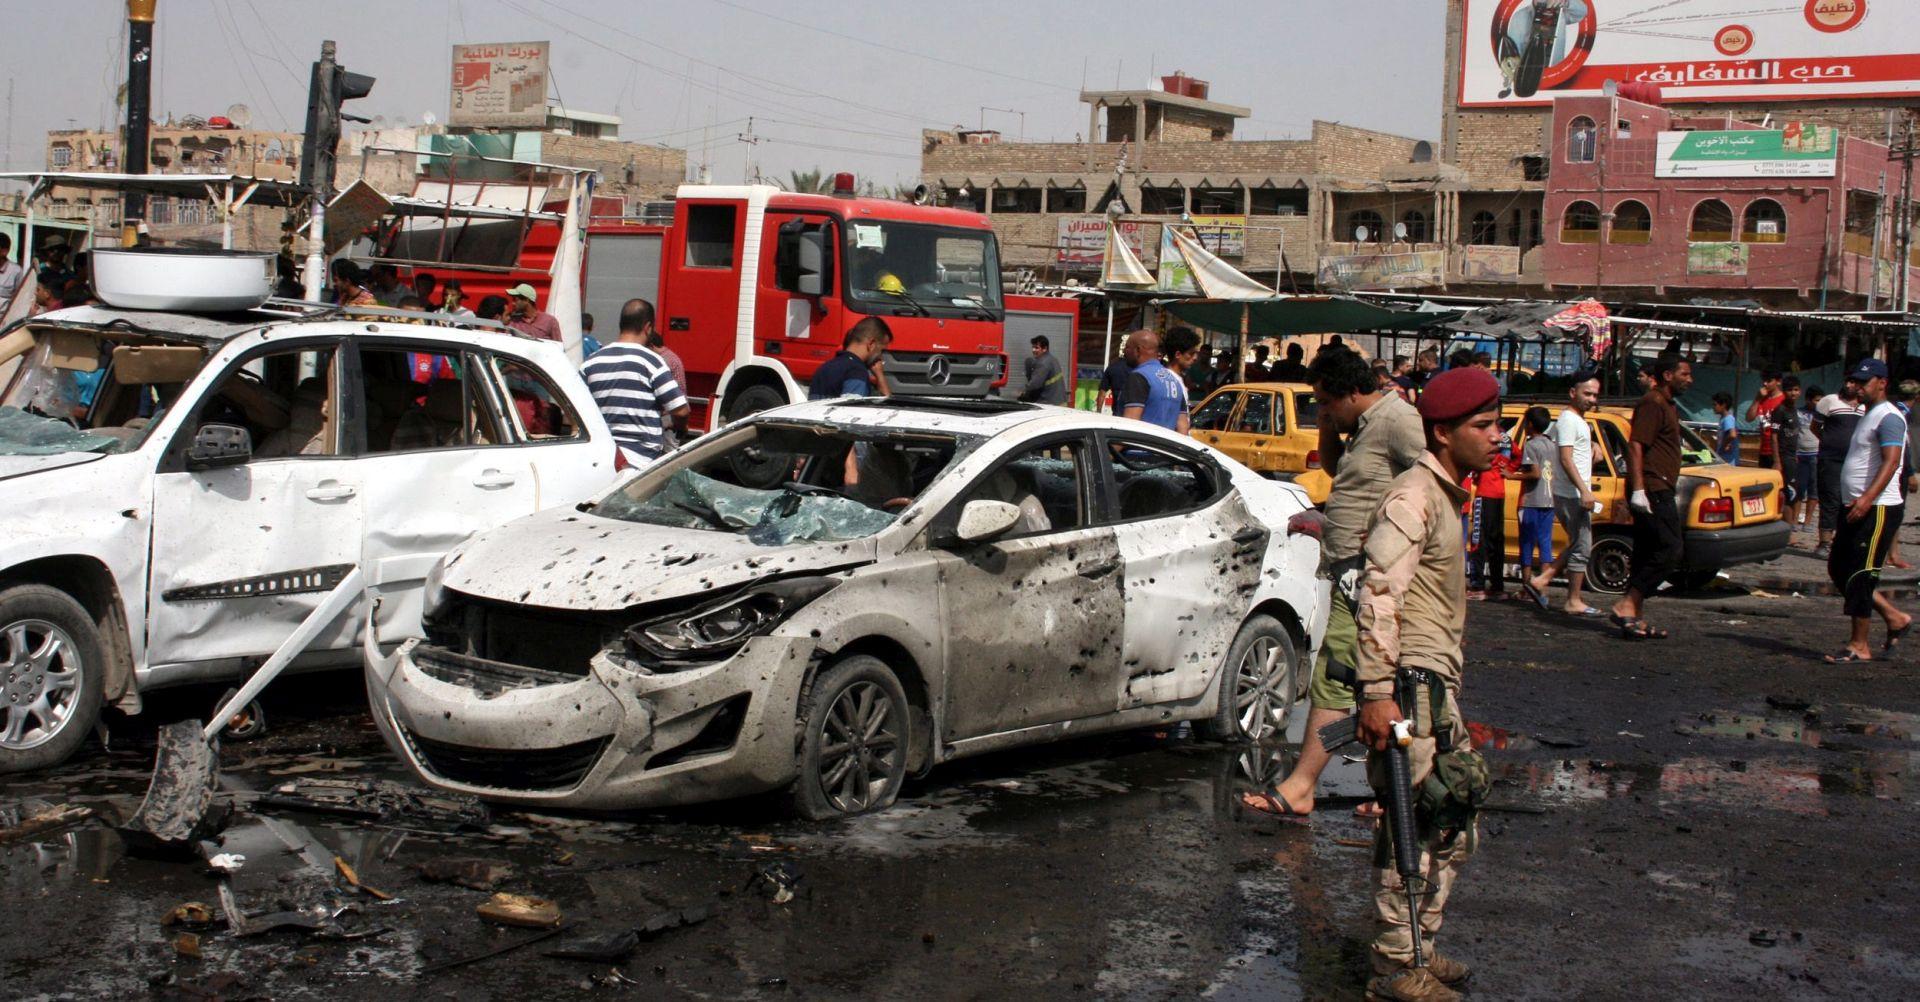 TERORISTIČKI NAPADI U BAGDADU Najmanje 22 ljudi poginulo, više od 70 ozlijeđenih